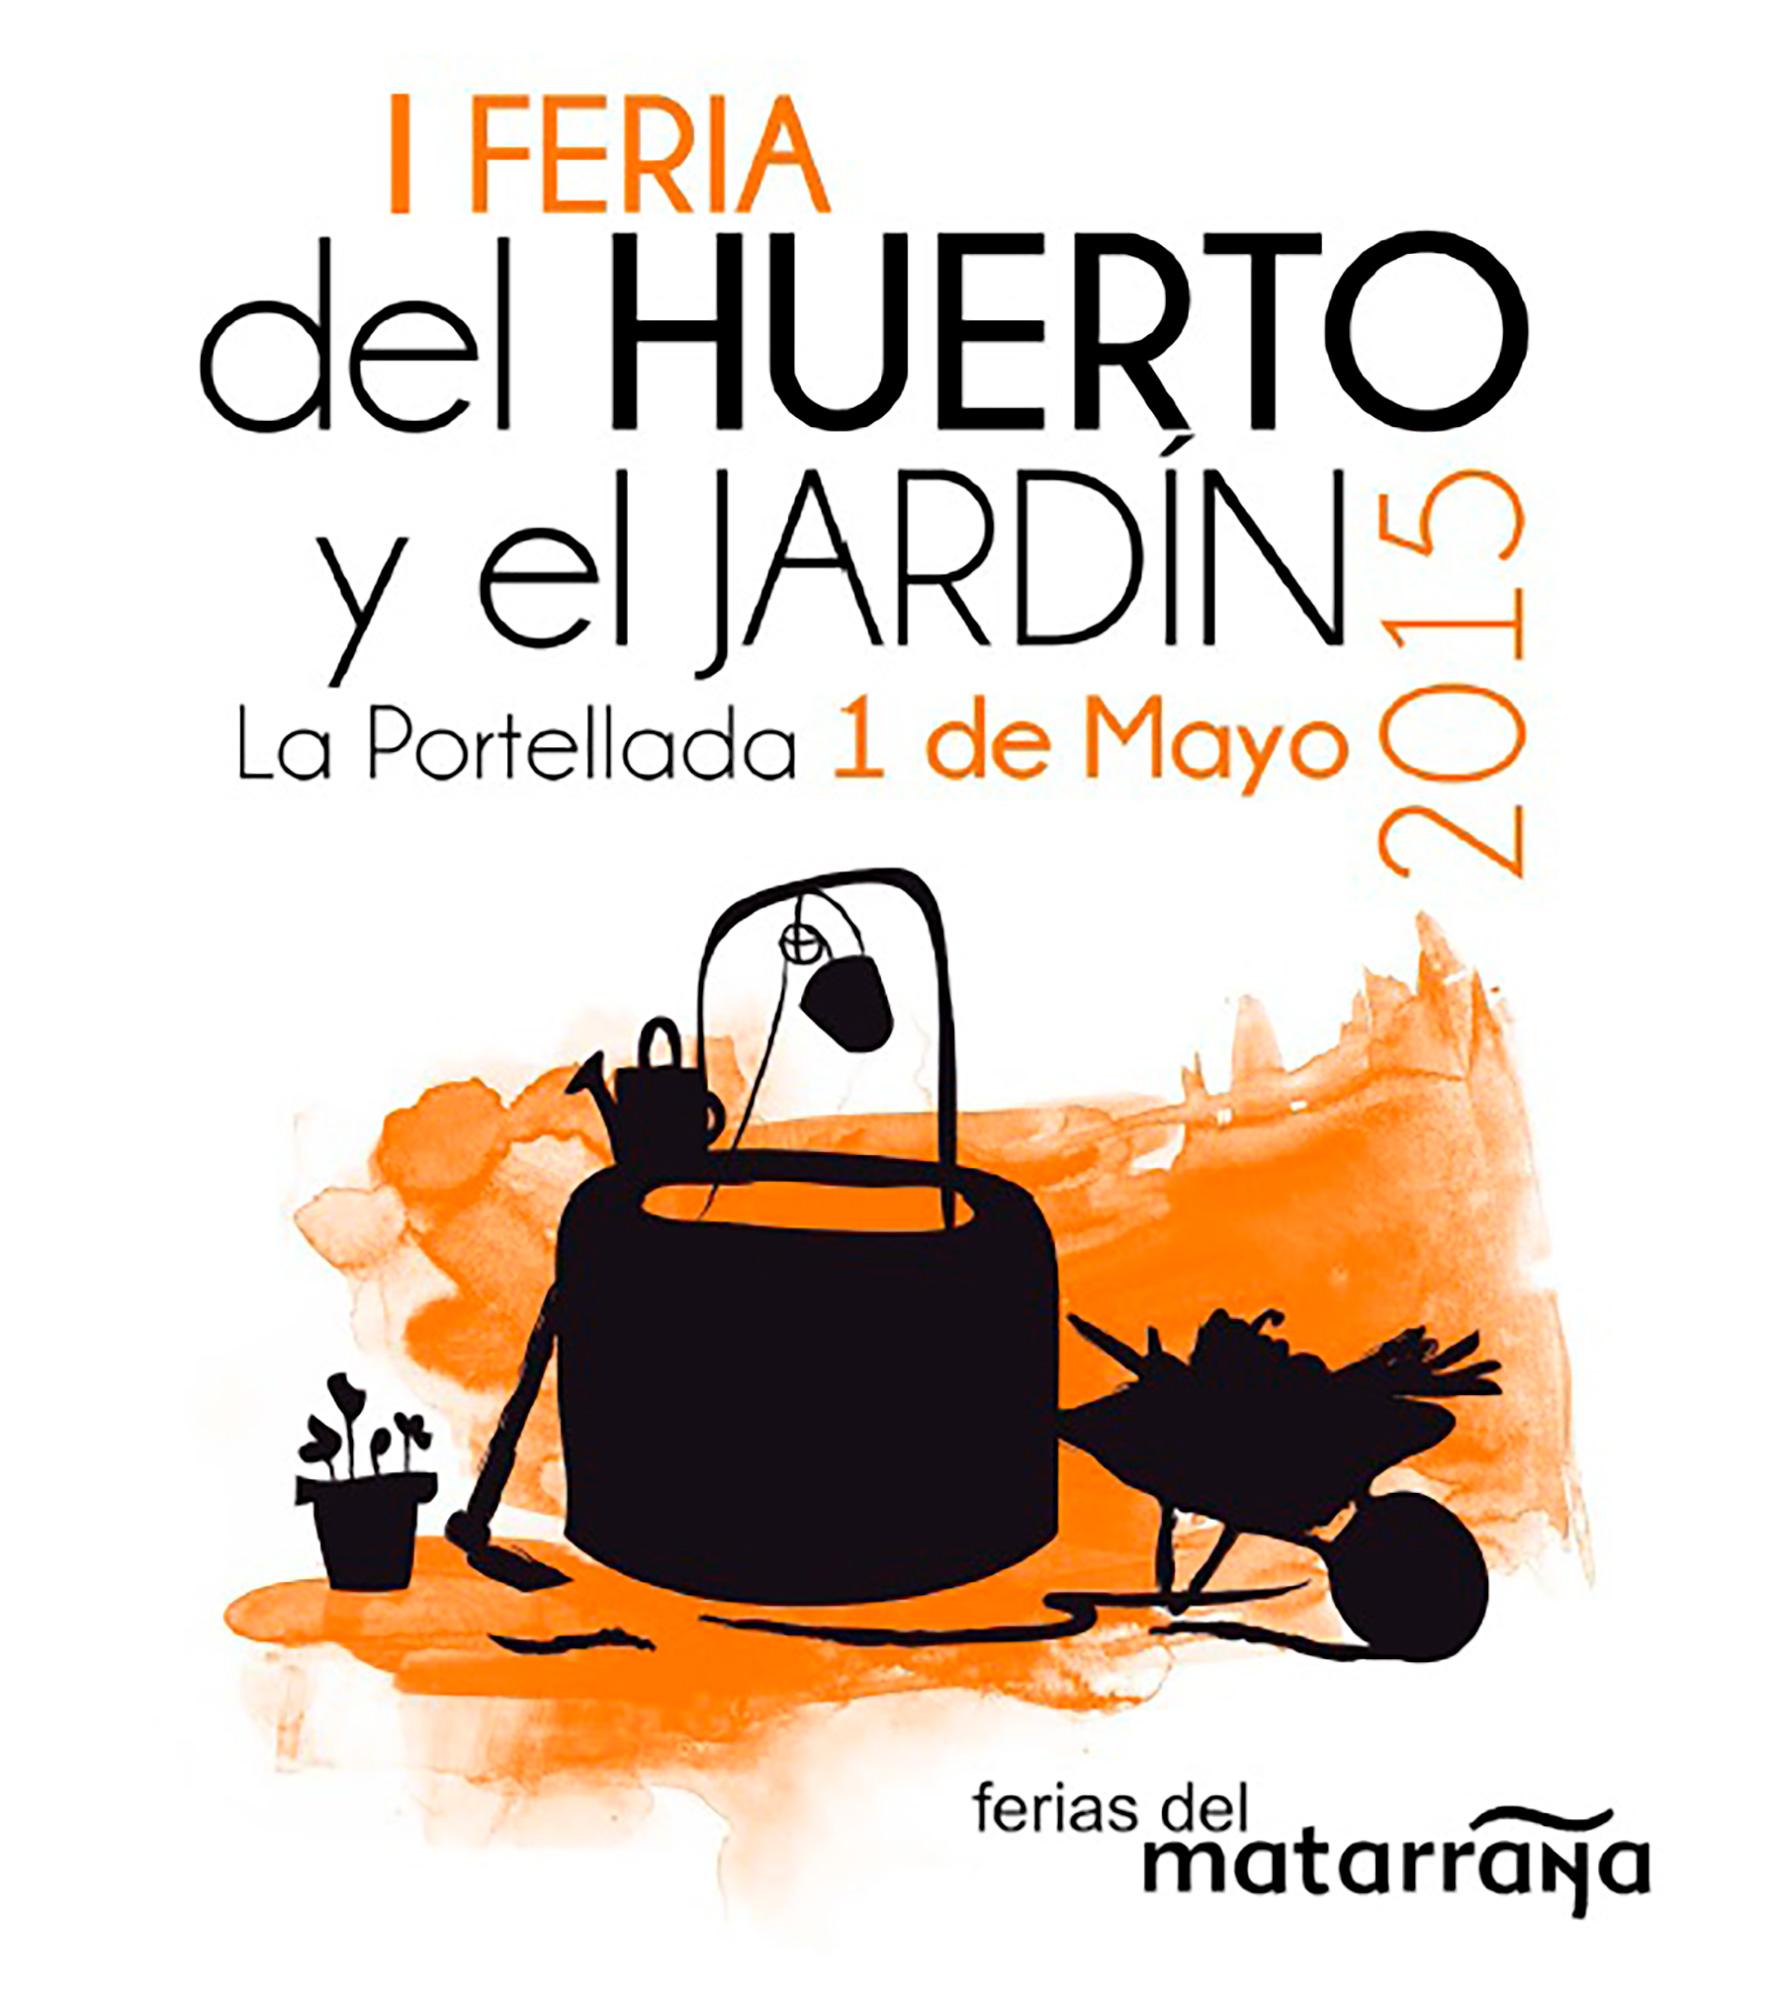 Feria del huerto y el jardín La portellada 1 de mayo de 2015